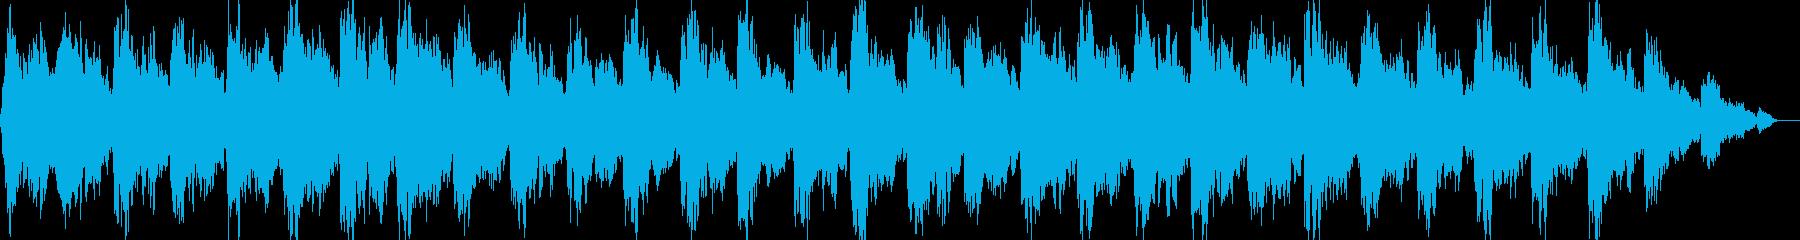 オカルト/ミステリー/ホラーサスペンスの再生済みの波形